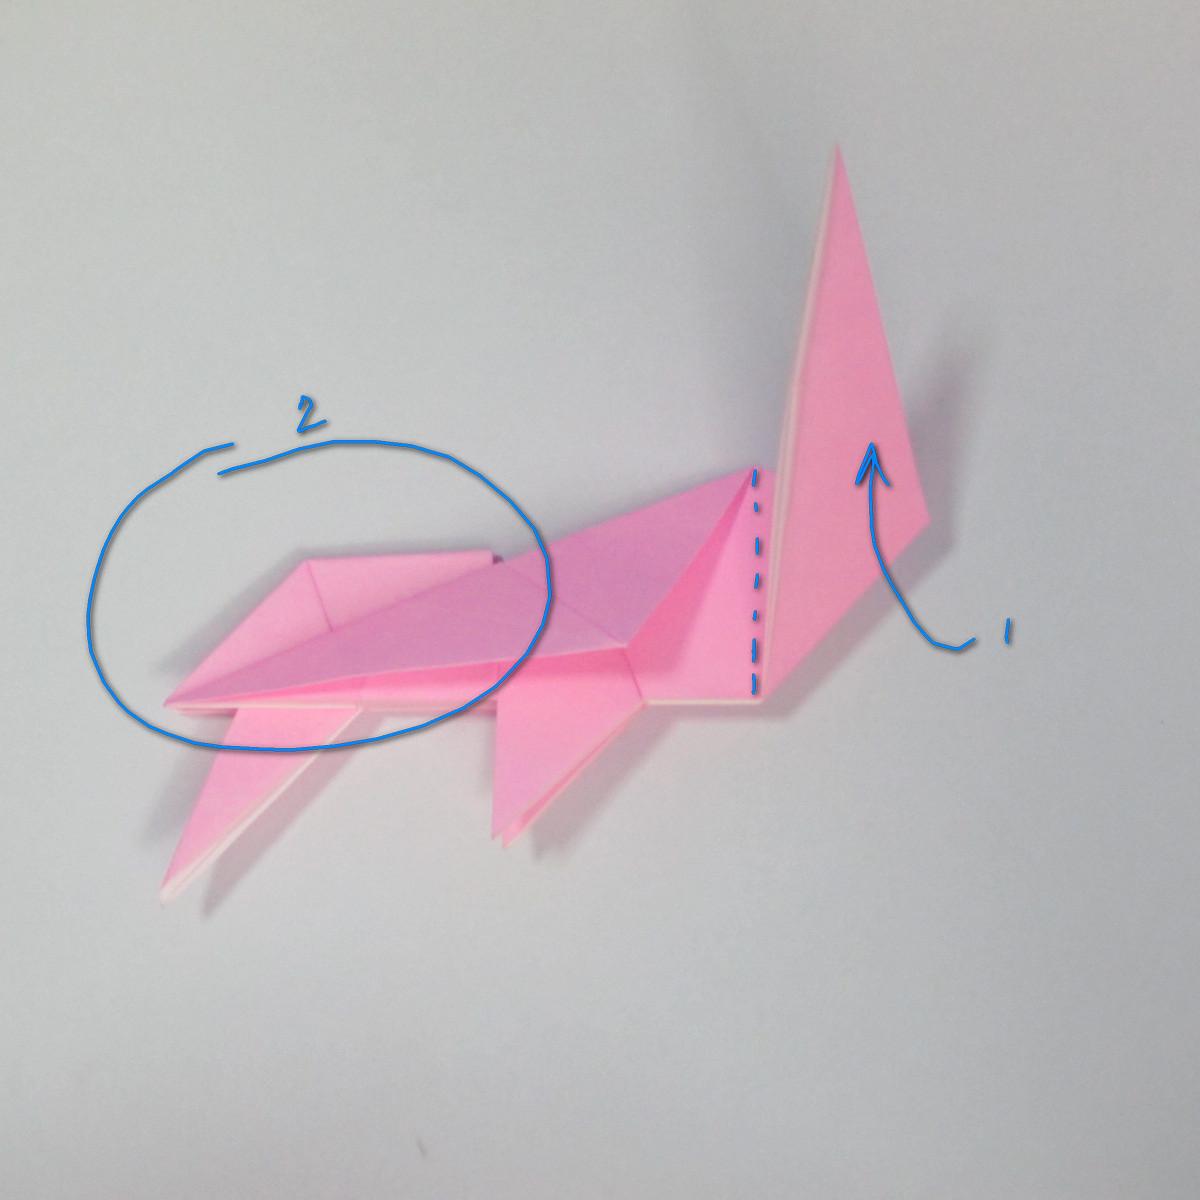 สอนการพับกระดาษเป็นลูกสุนัขชเนาเซอร์ (Origami Schnauzer Puppy) 053